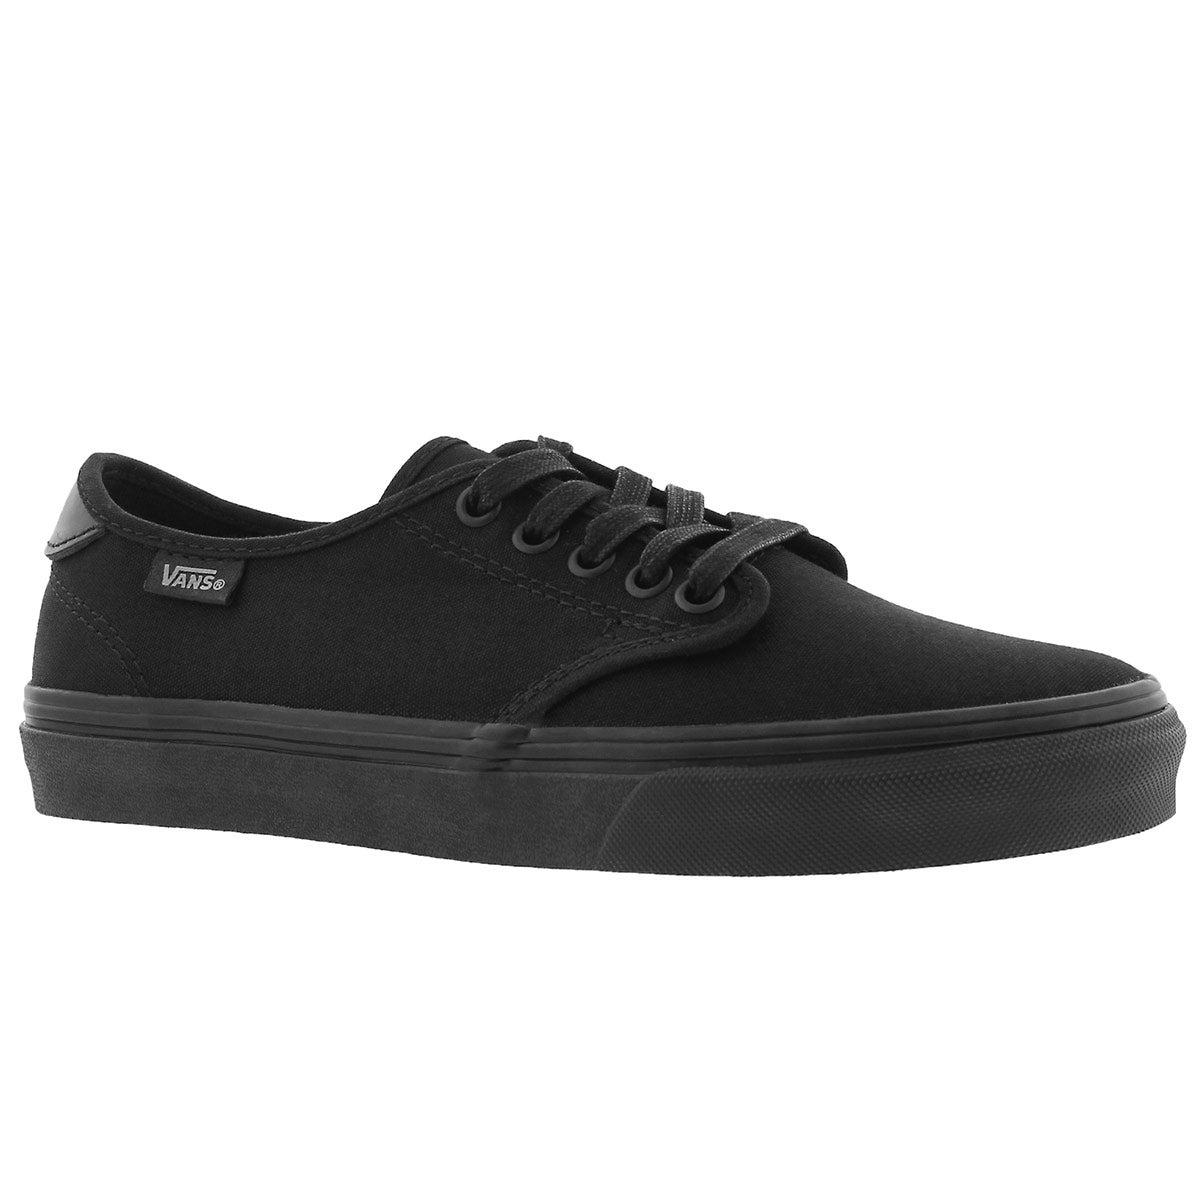 Women's CAMDEN DELUXE black/black laceup sneakers